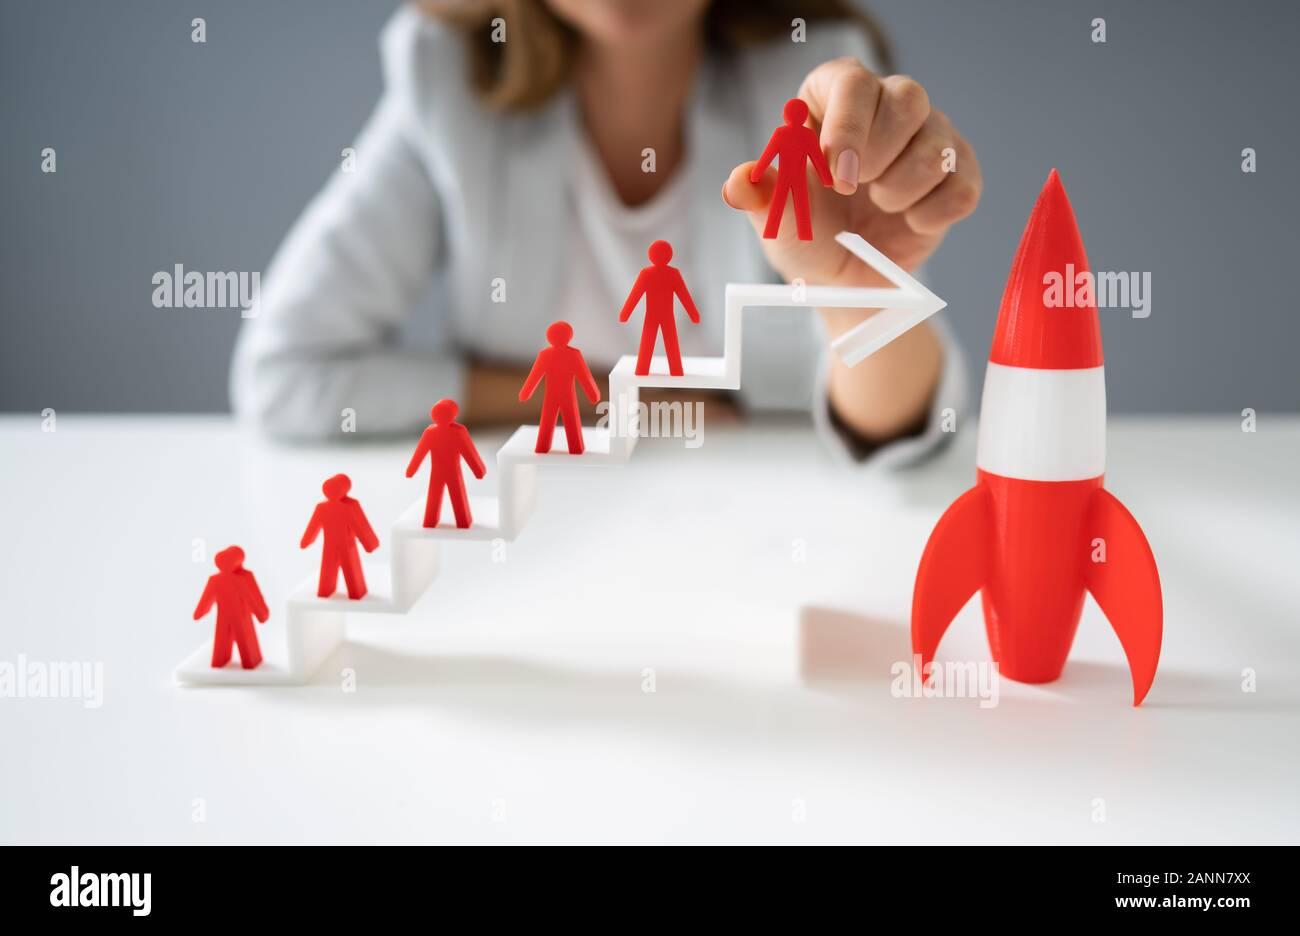 Mujer colocando rojo sobre blanco permanente de figurillas humanas crecientes gráfico de flecha cerca de la Red Rocket Foto de stock